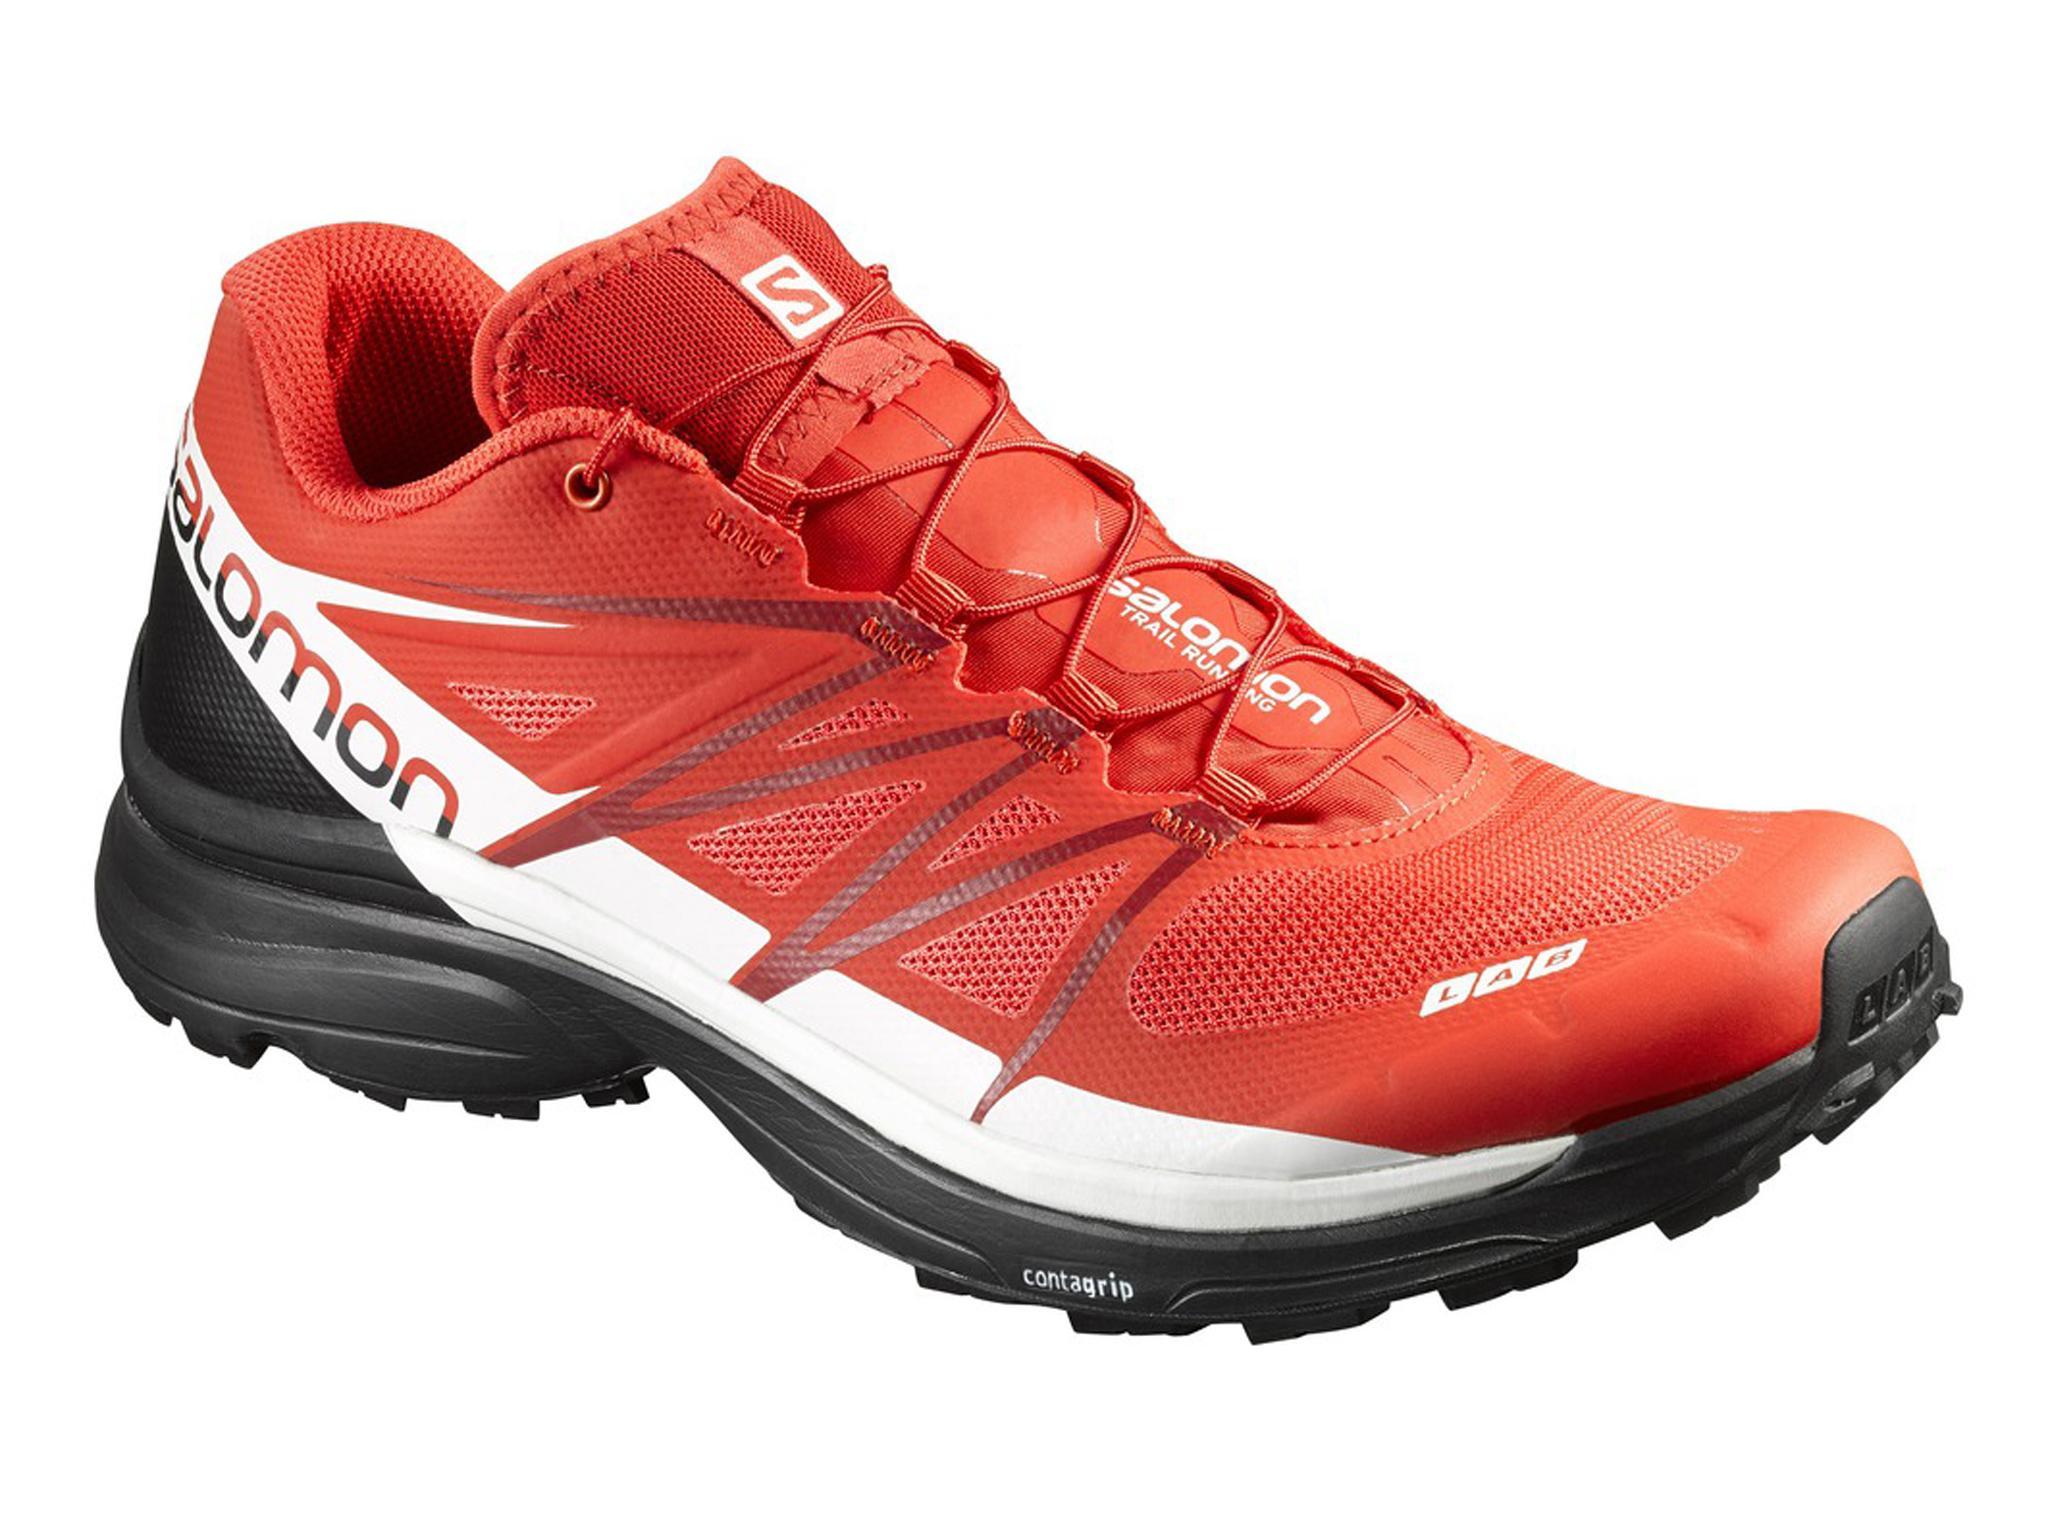 9 best running shoes for ultramarathons